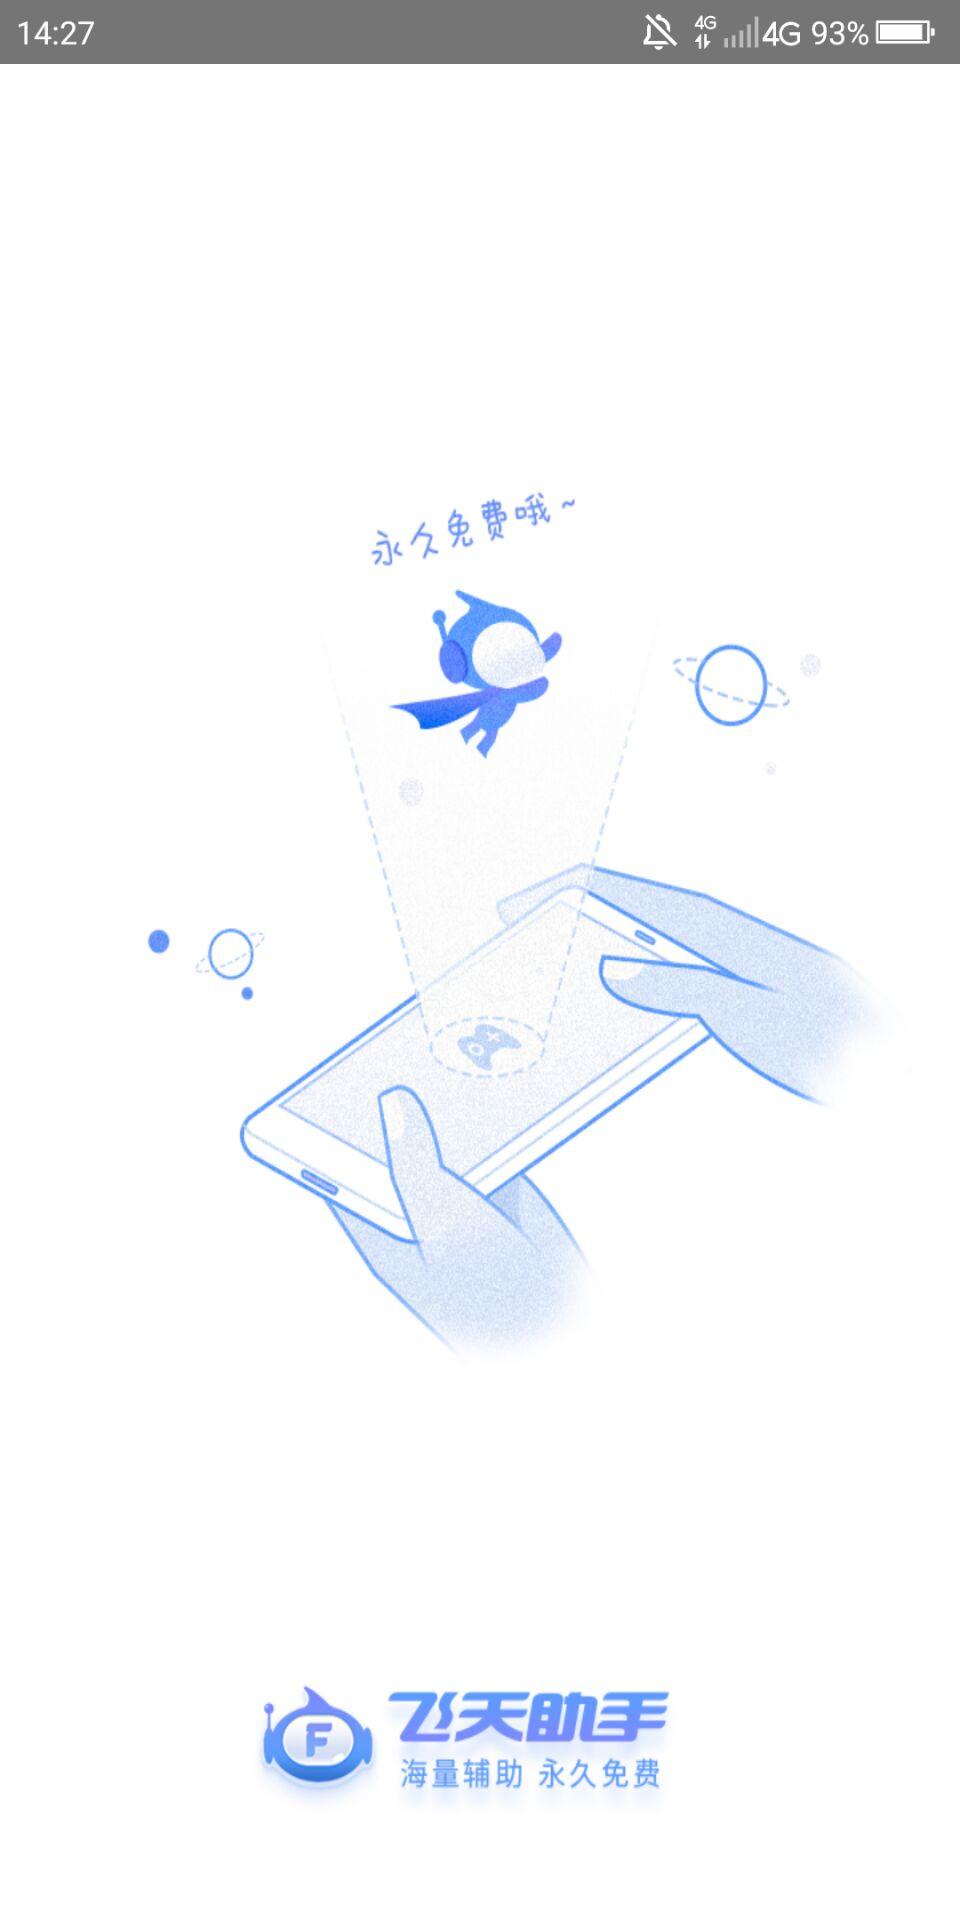 视频展示图